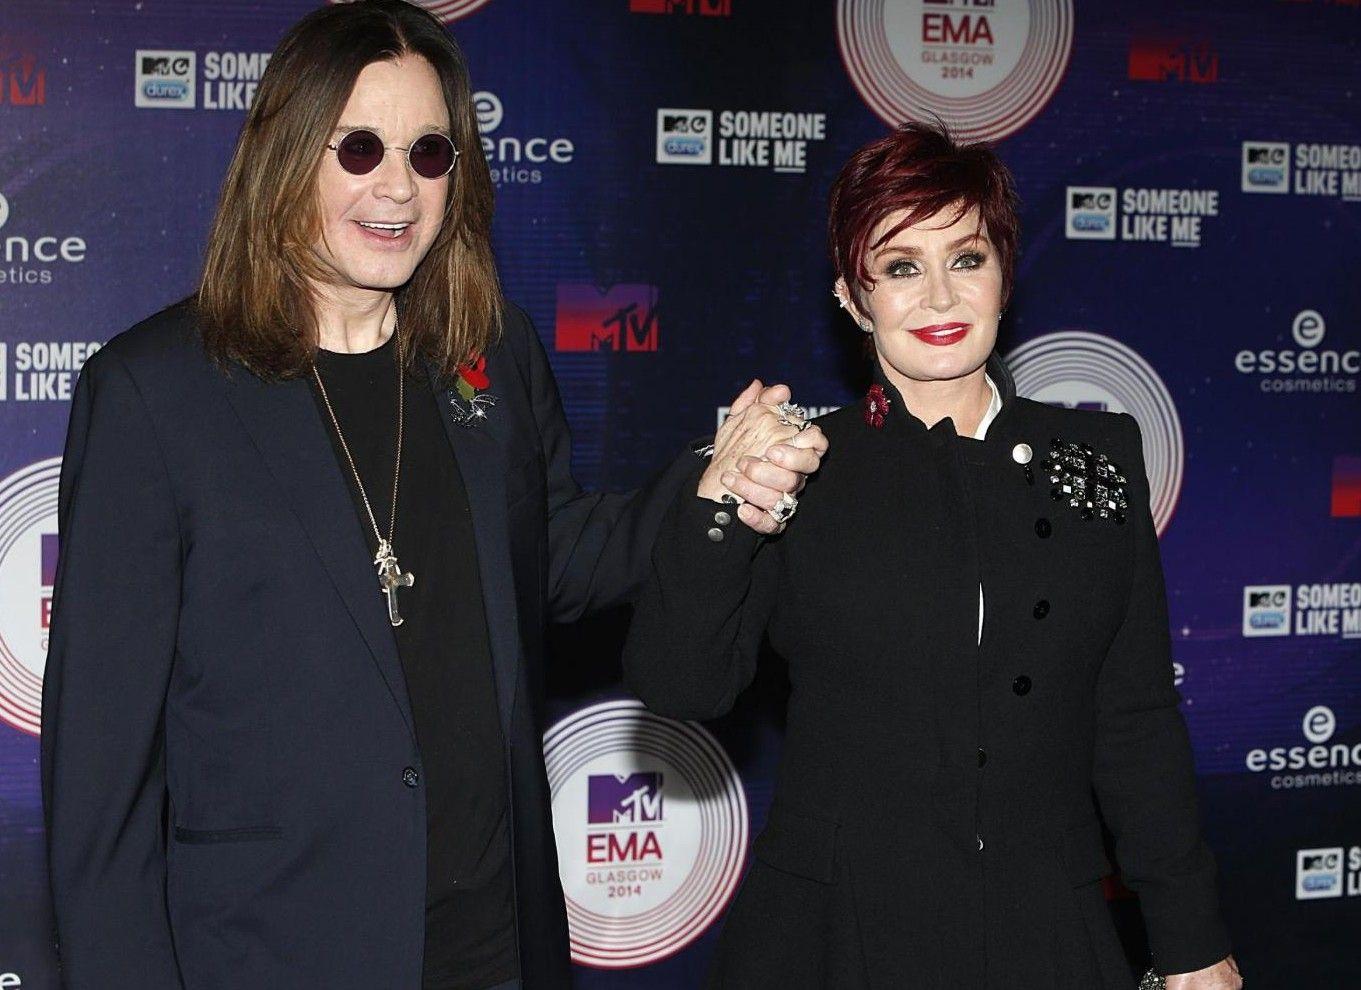 Divorzi vip 2016: le coppie celebri che sono arrivate al capolinea